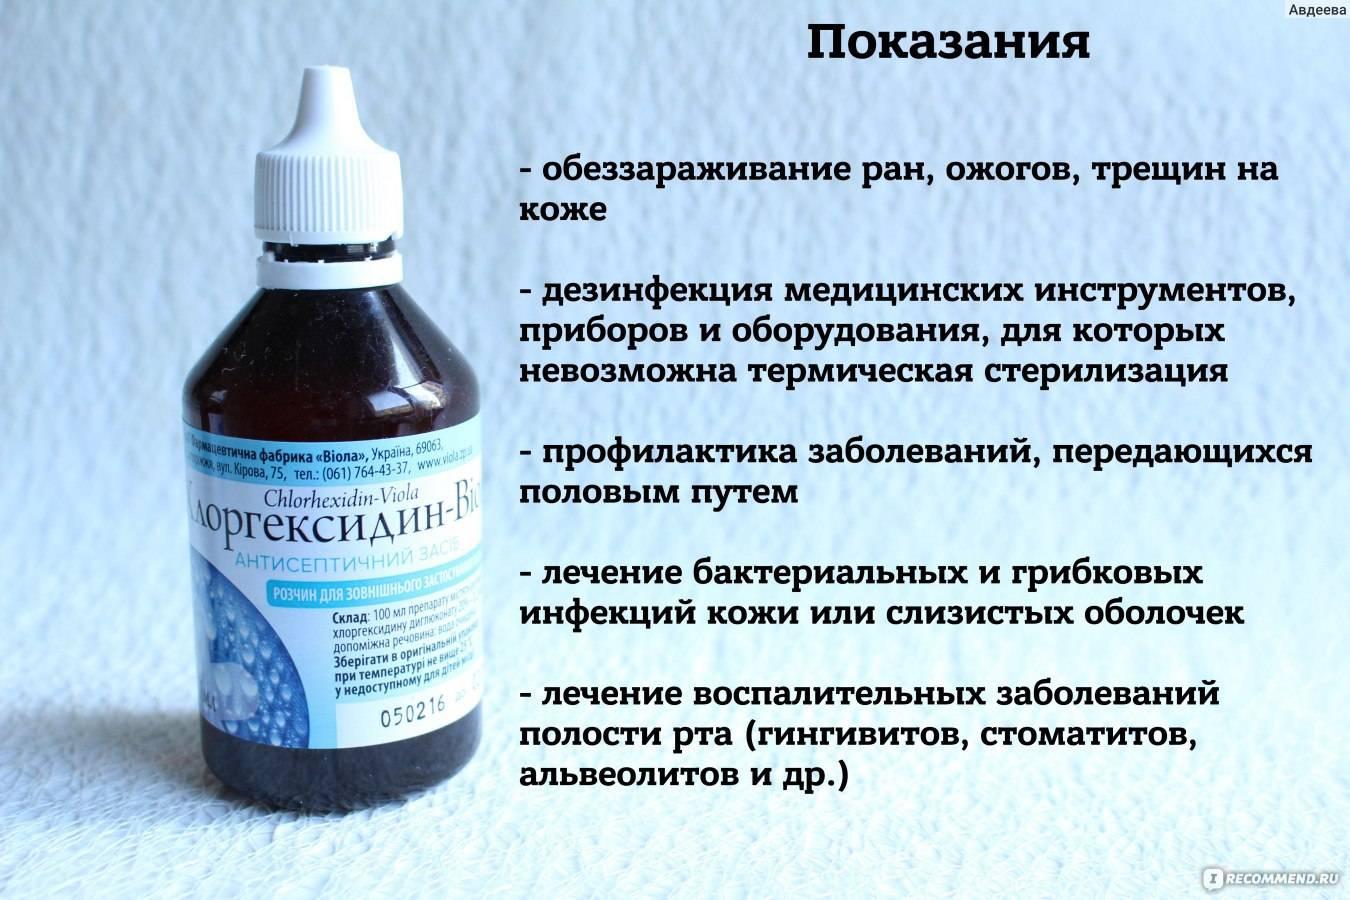 Спринцевание хлоргексидином: показания, противопоказания и особенности проведения